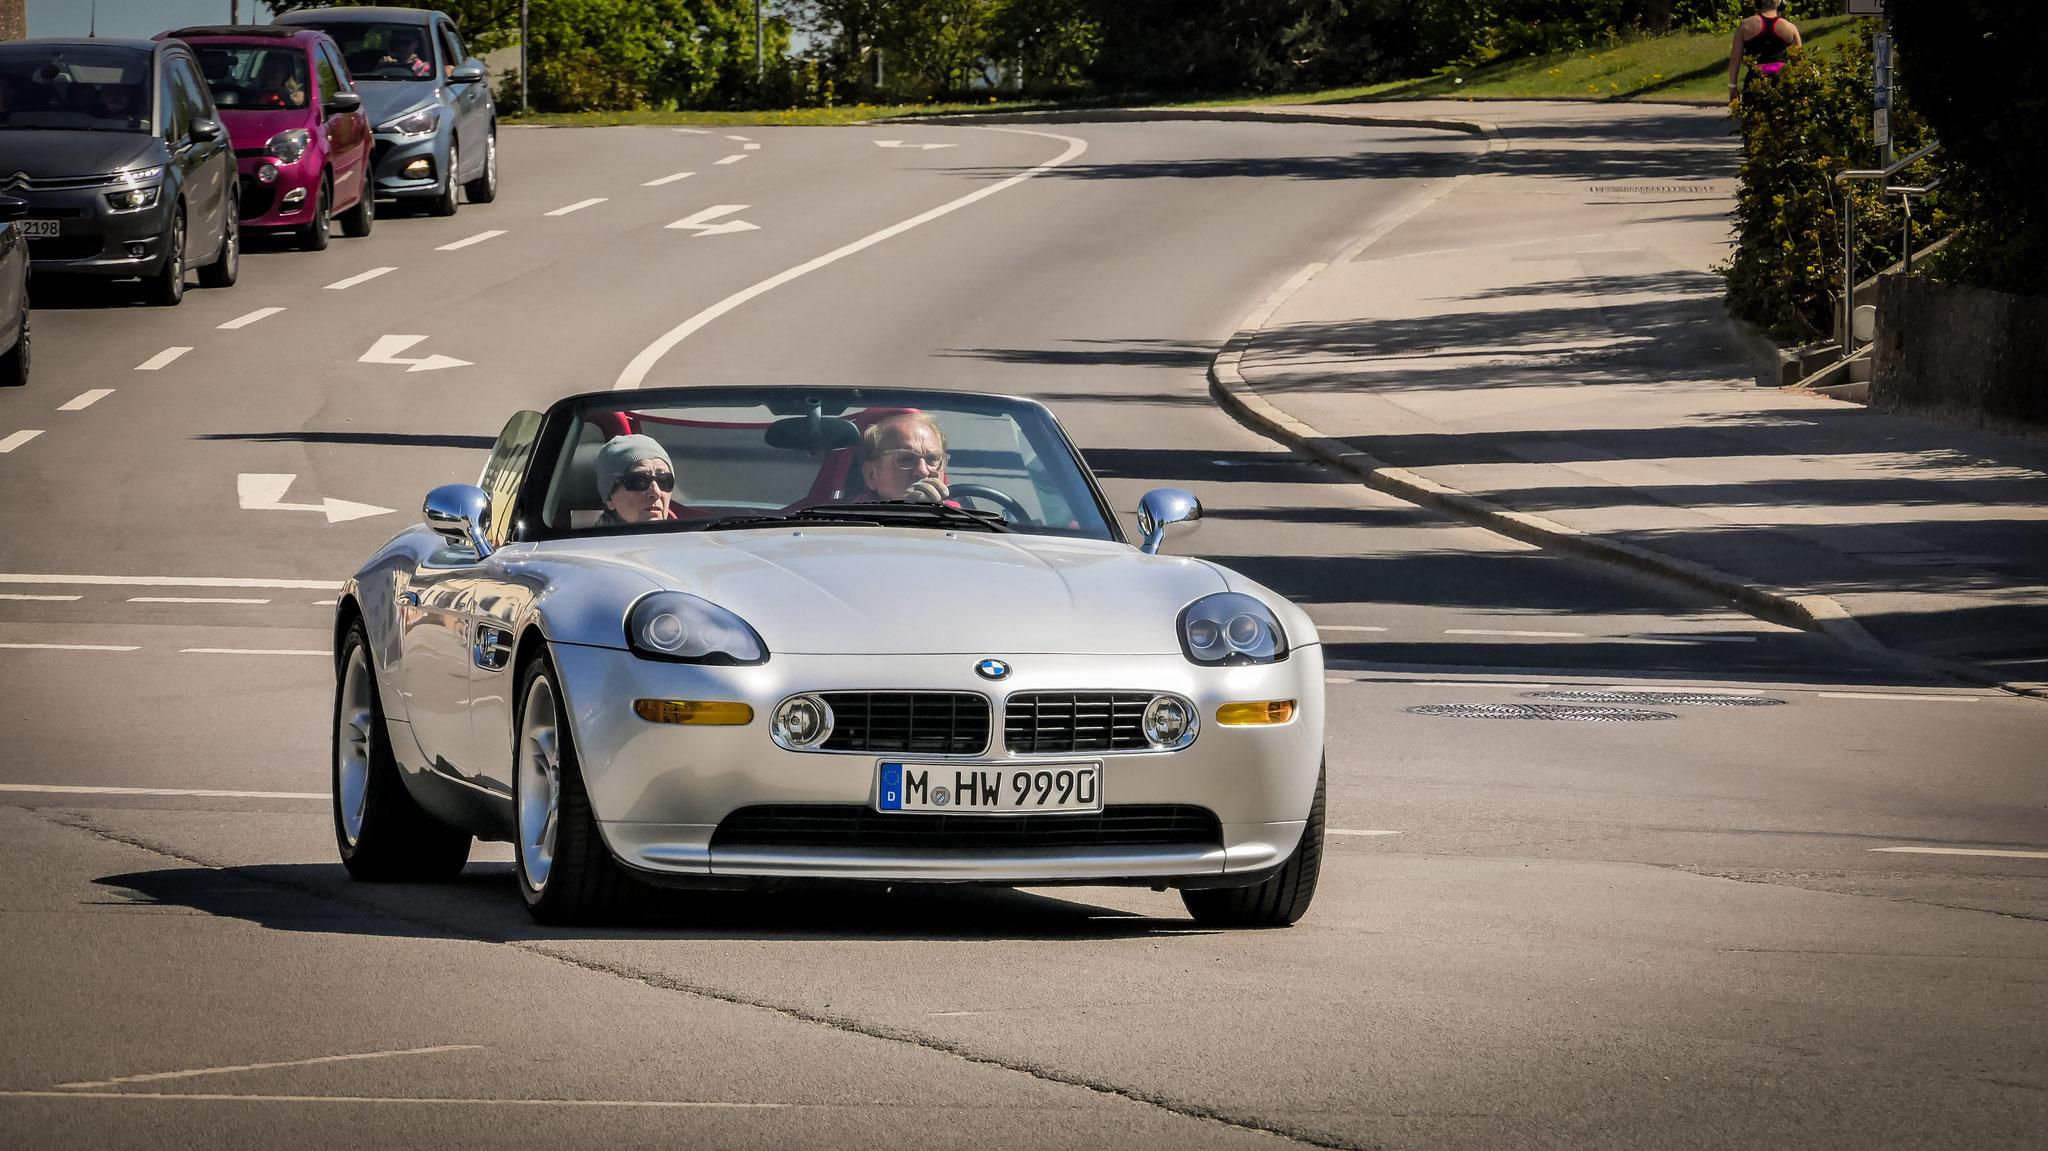 BMW Z8 - M-HW-9990